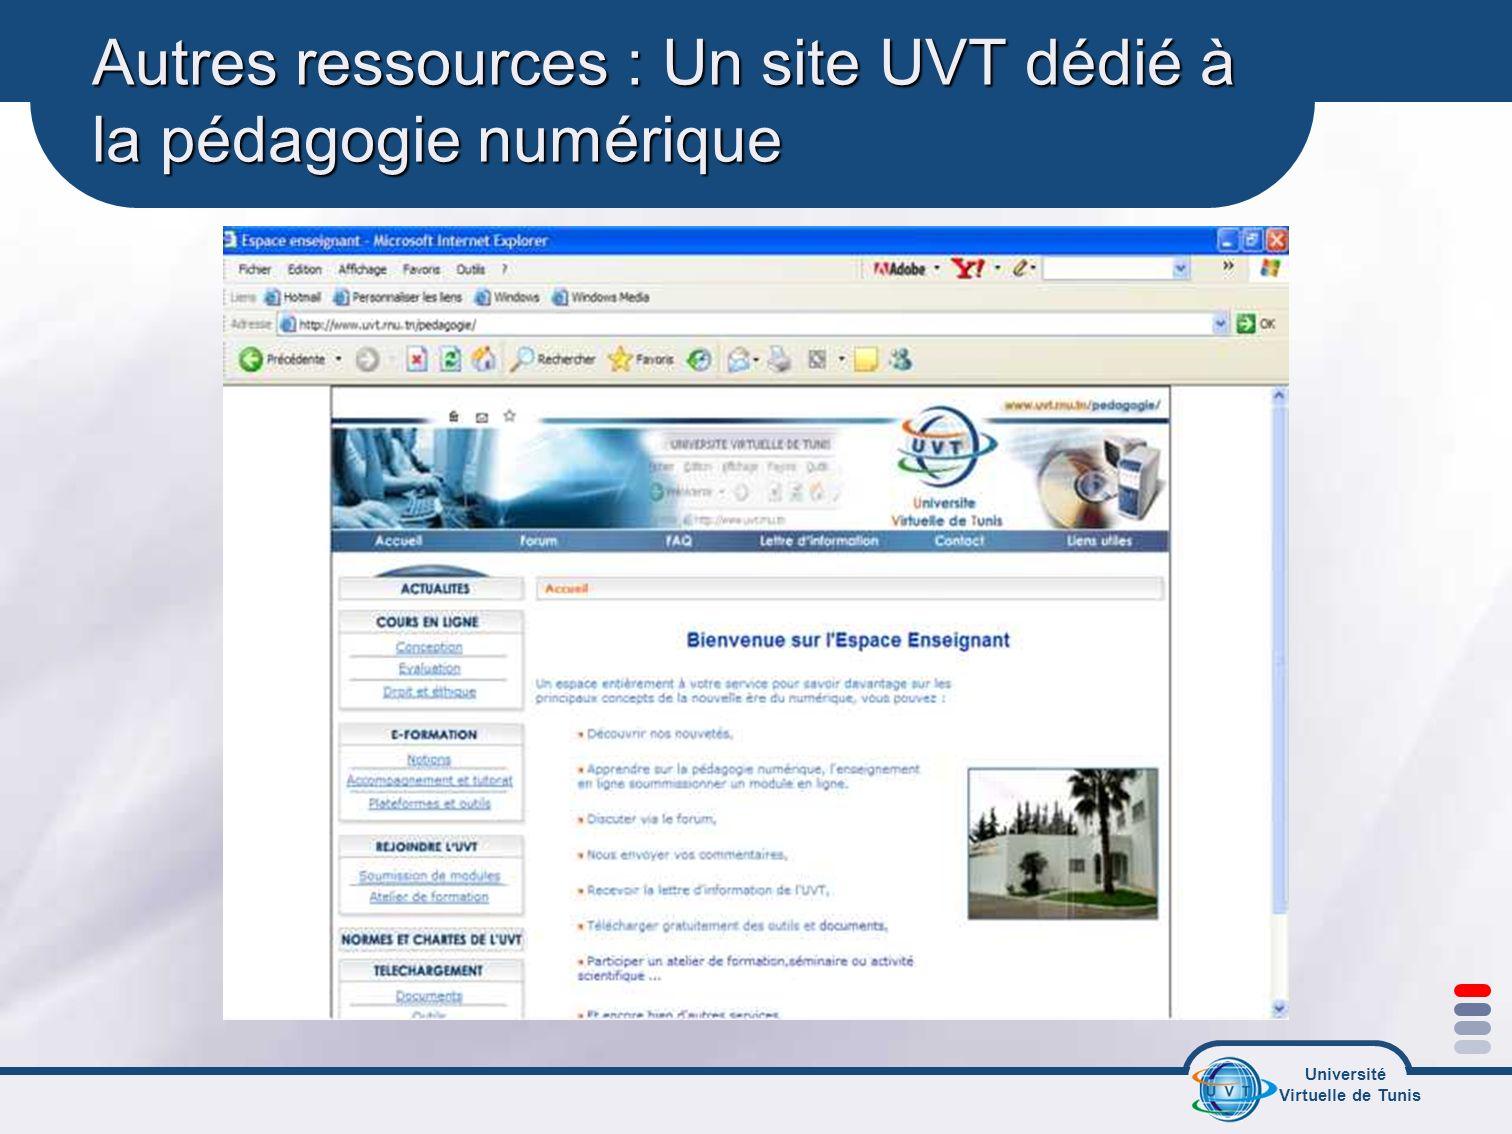 Autres ressources : Un site UVT dédié à la pédagogie numérique